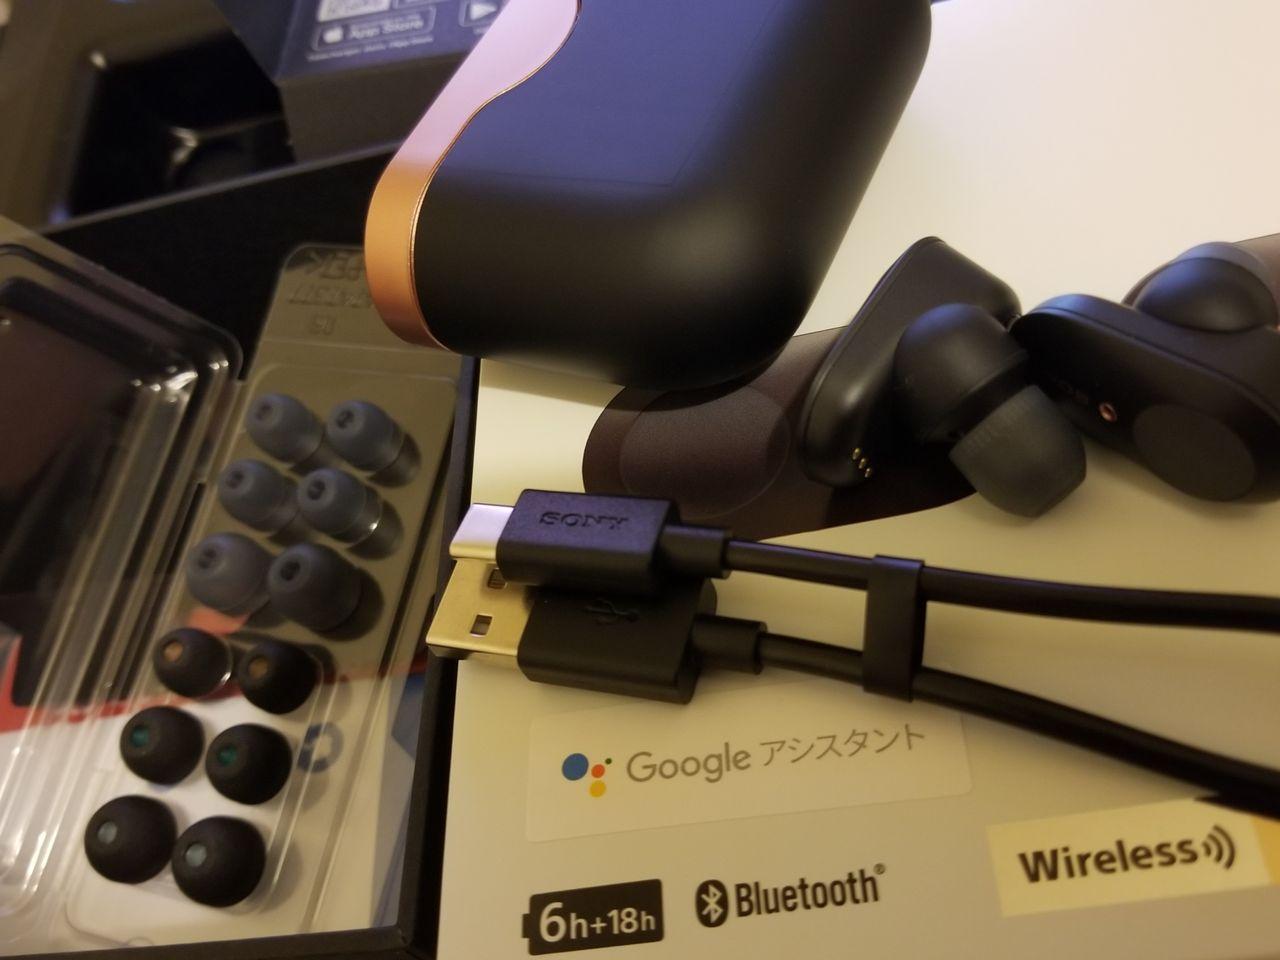 ワイヤレスイヤホン ソニー SONY ワイヤレスノイズキャンセリングイヤホン WF-1000XM3  _184424